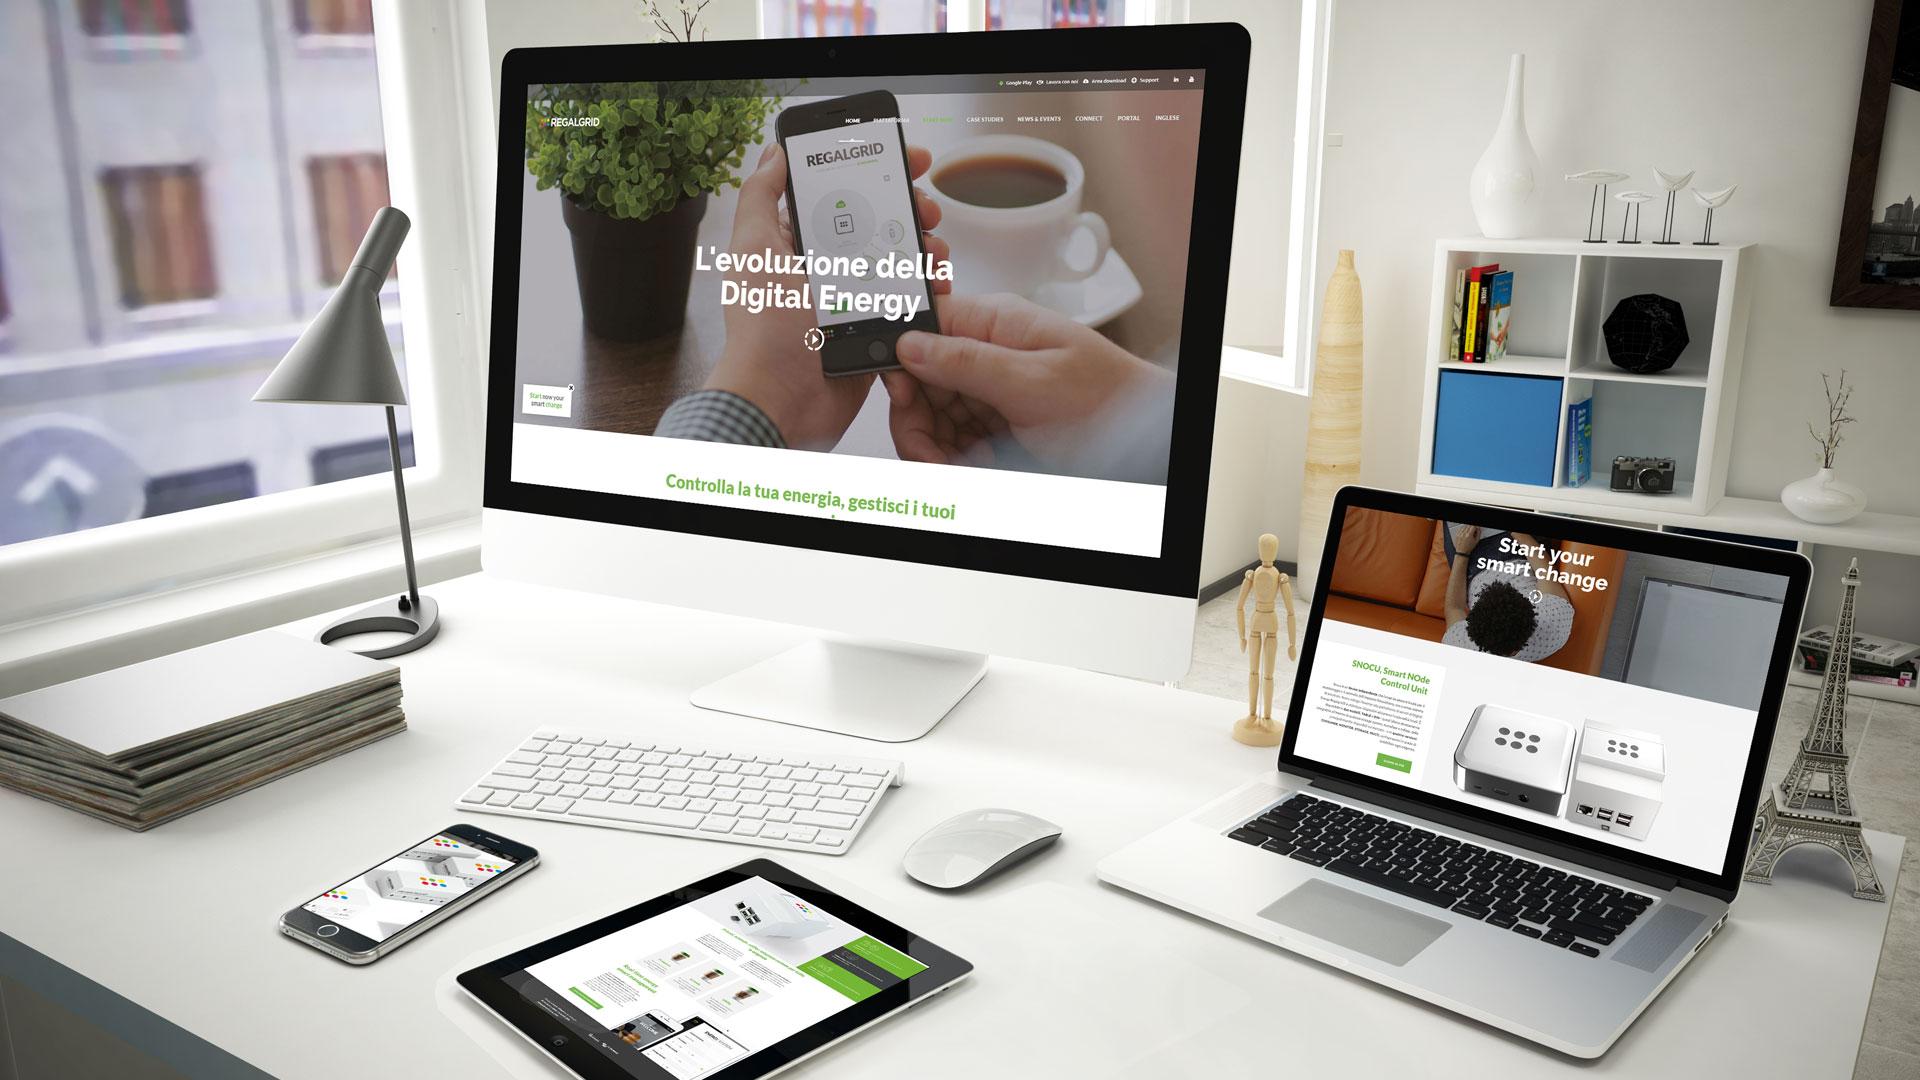 Regalgrid website by Advertendo